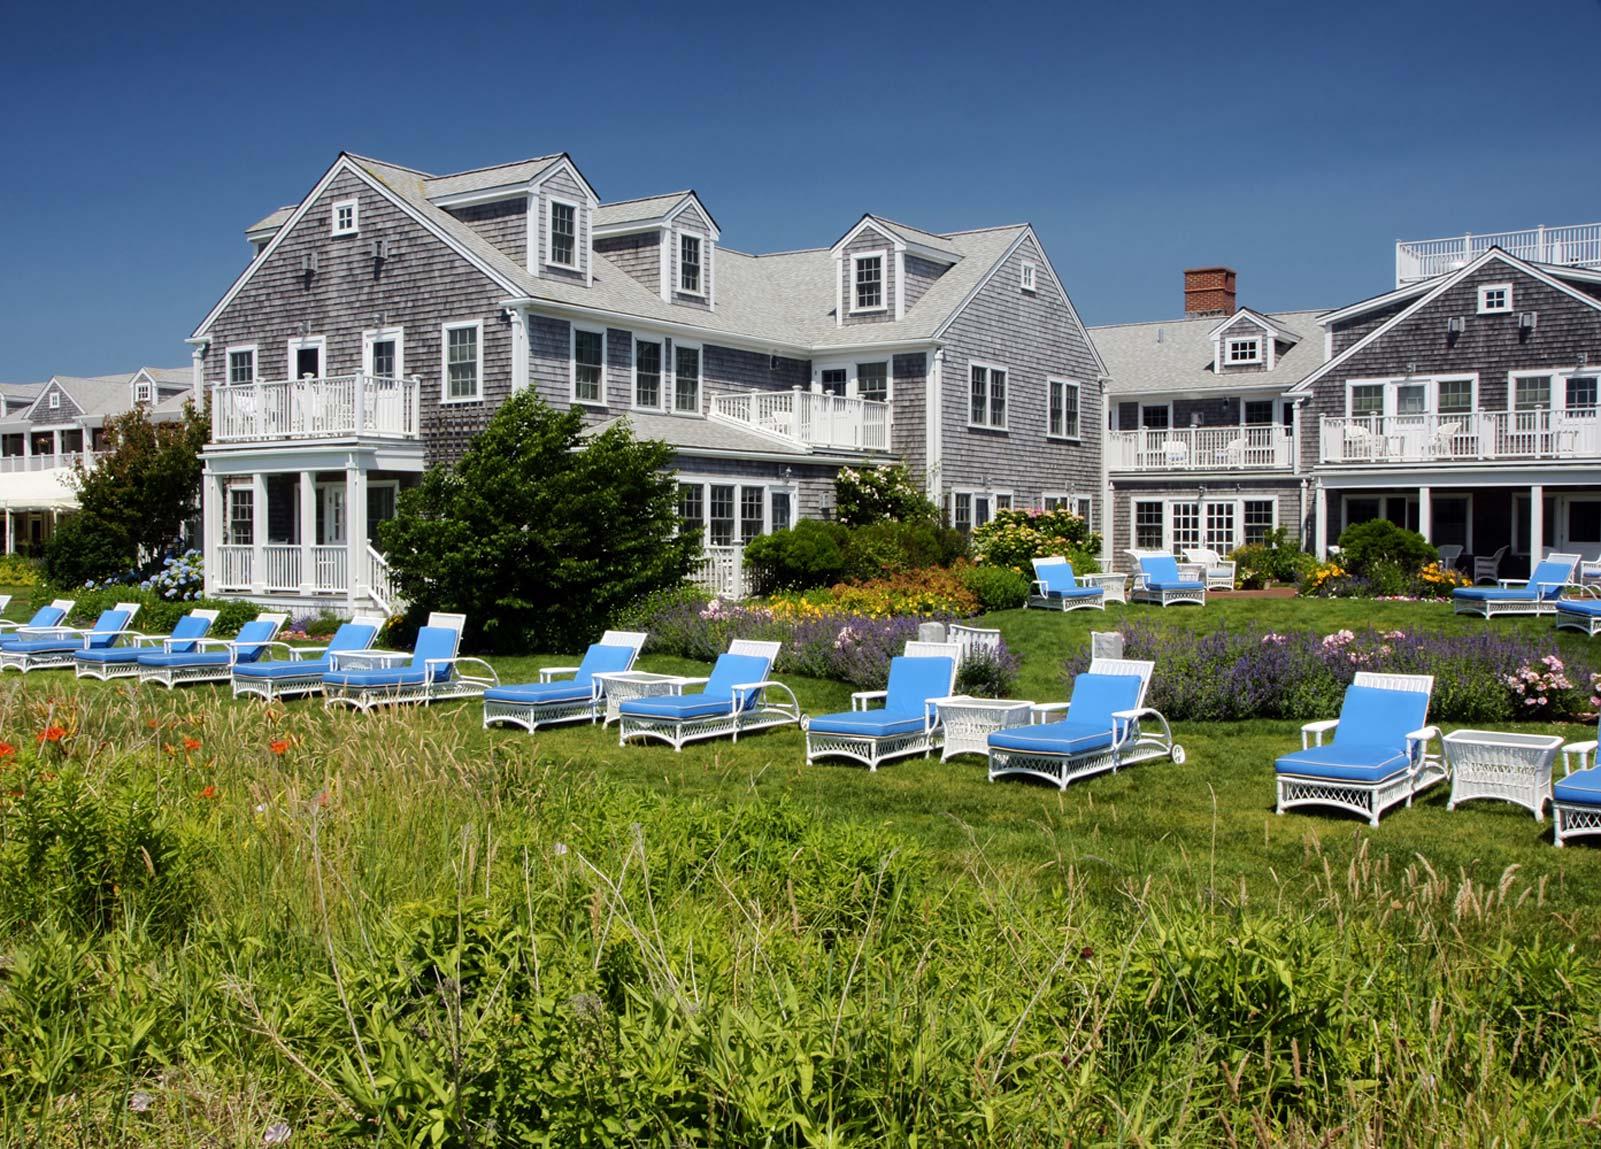 nantucket hotels hotels on nantucket island. Black Bedroom Furniture Sets. Home Design Ideas